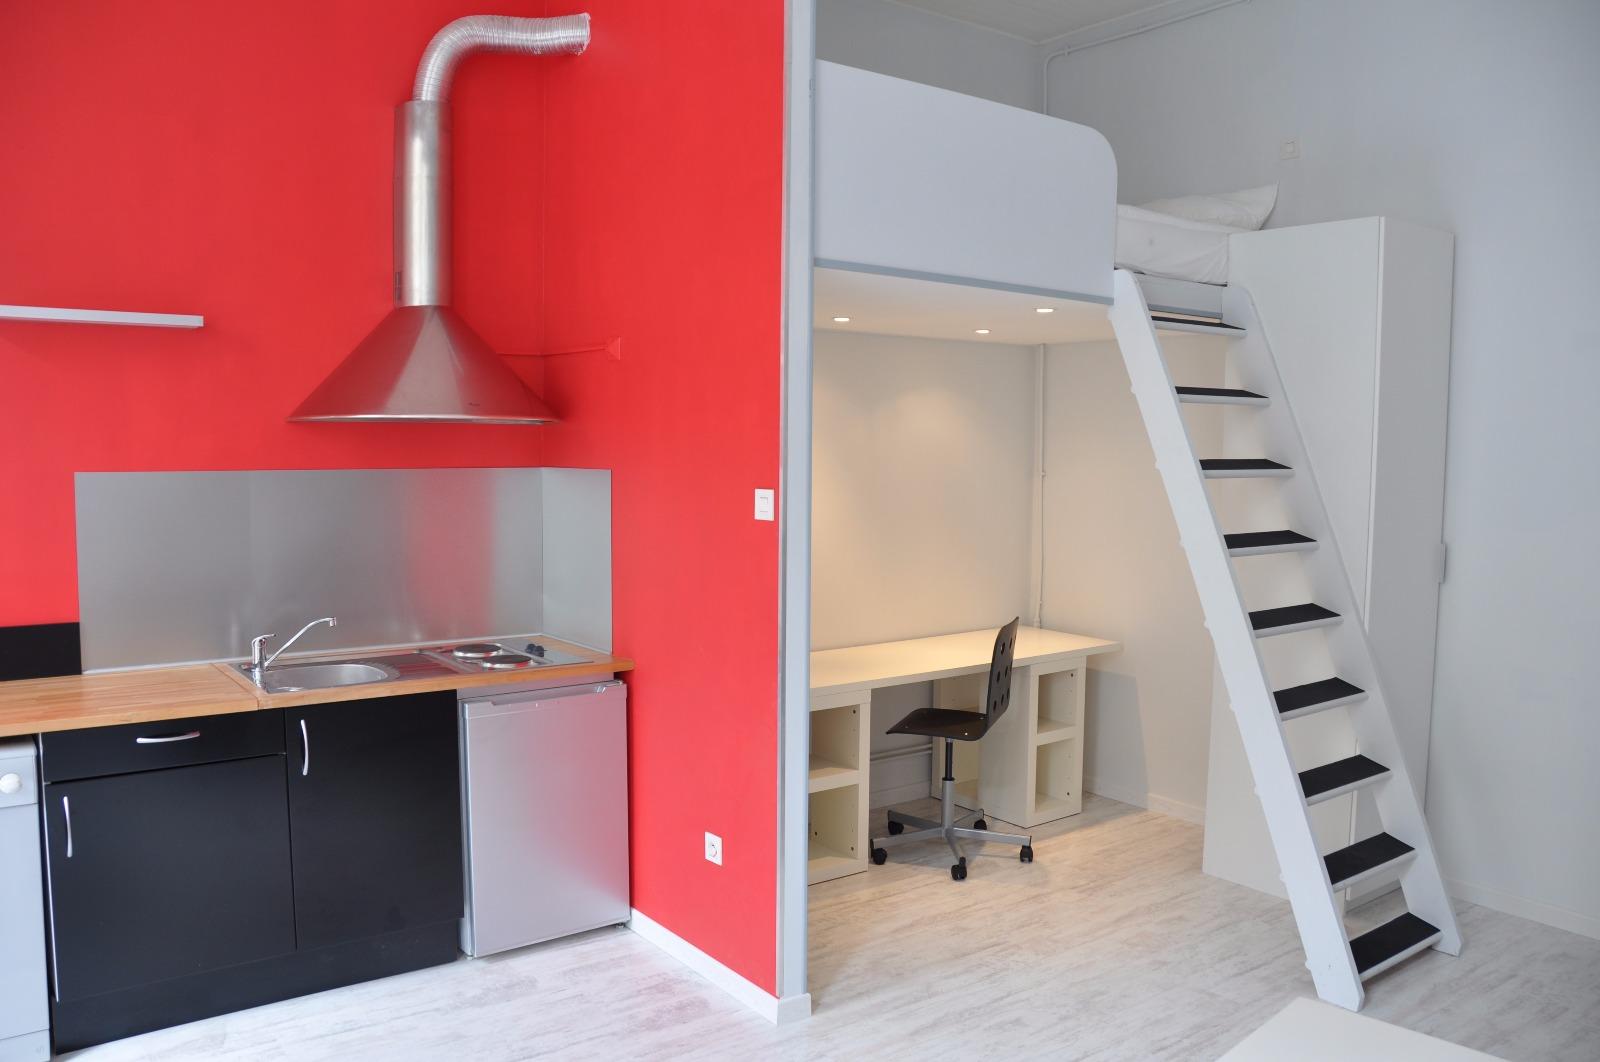 Location appartement avignon 84000 32m avec 1 pi ce s ipv - Appartement meuble avignon ...